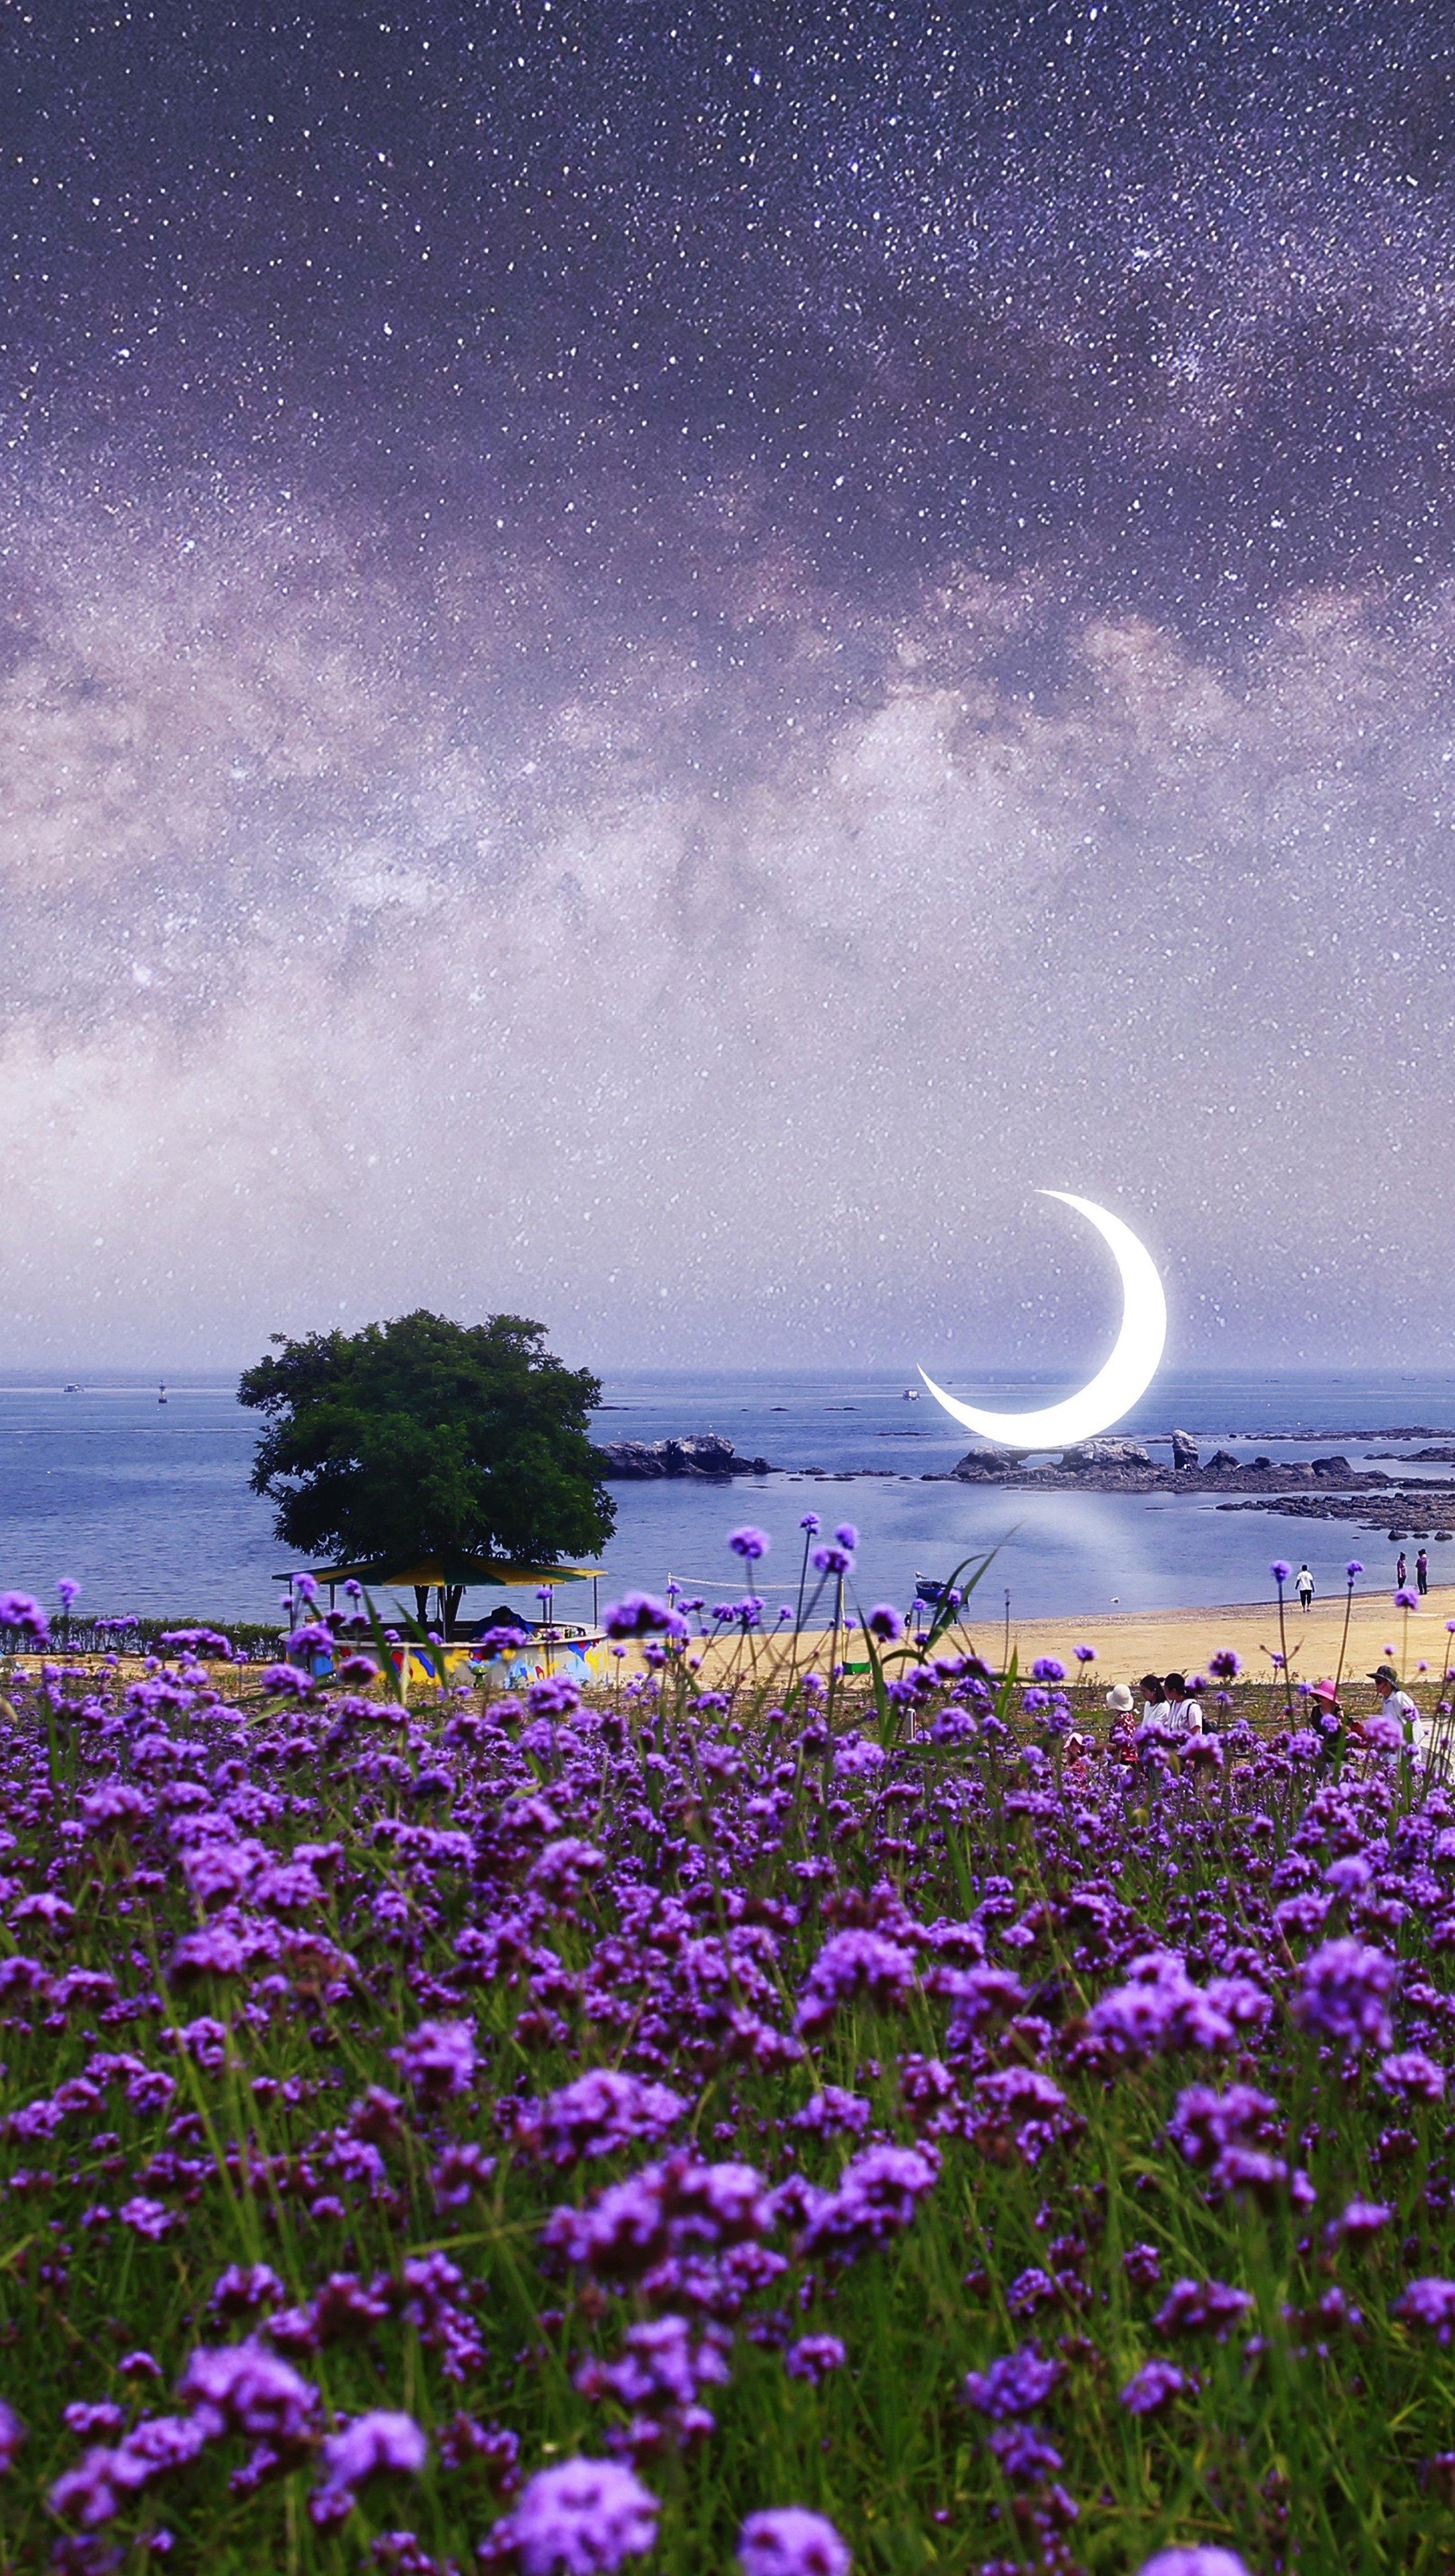 Fondos de pantalla Campo de lavanda en la playa bajo las estrellas Vertical